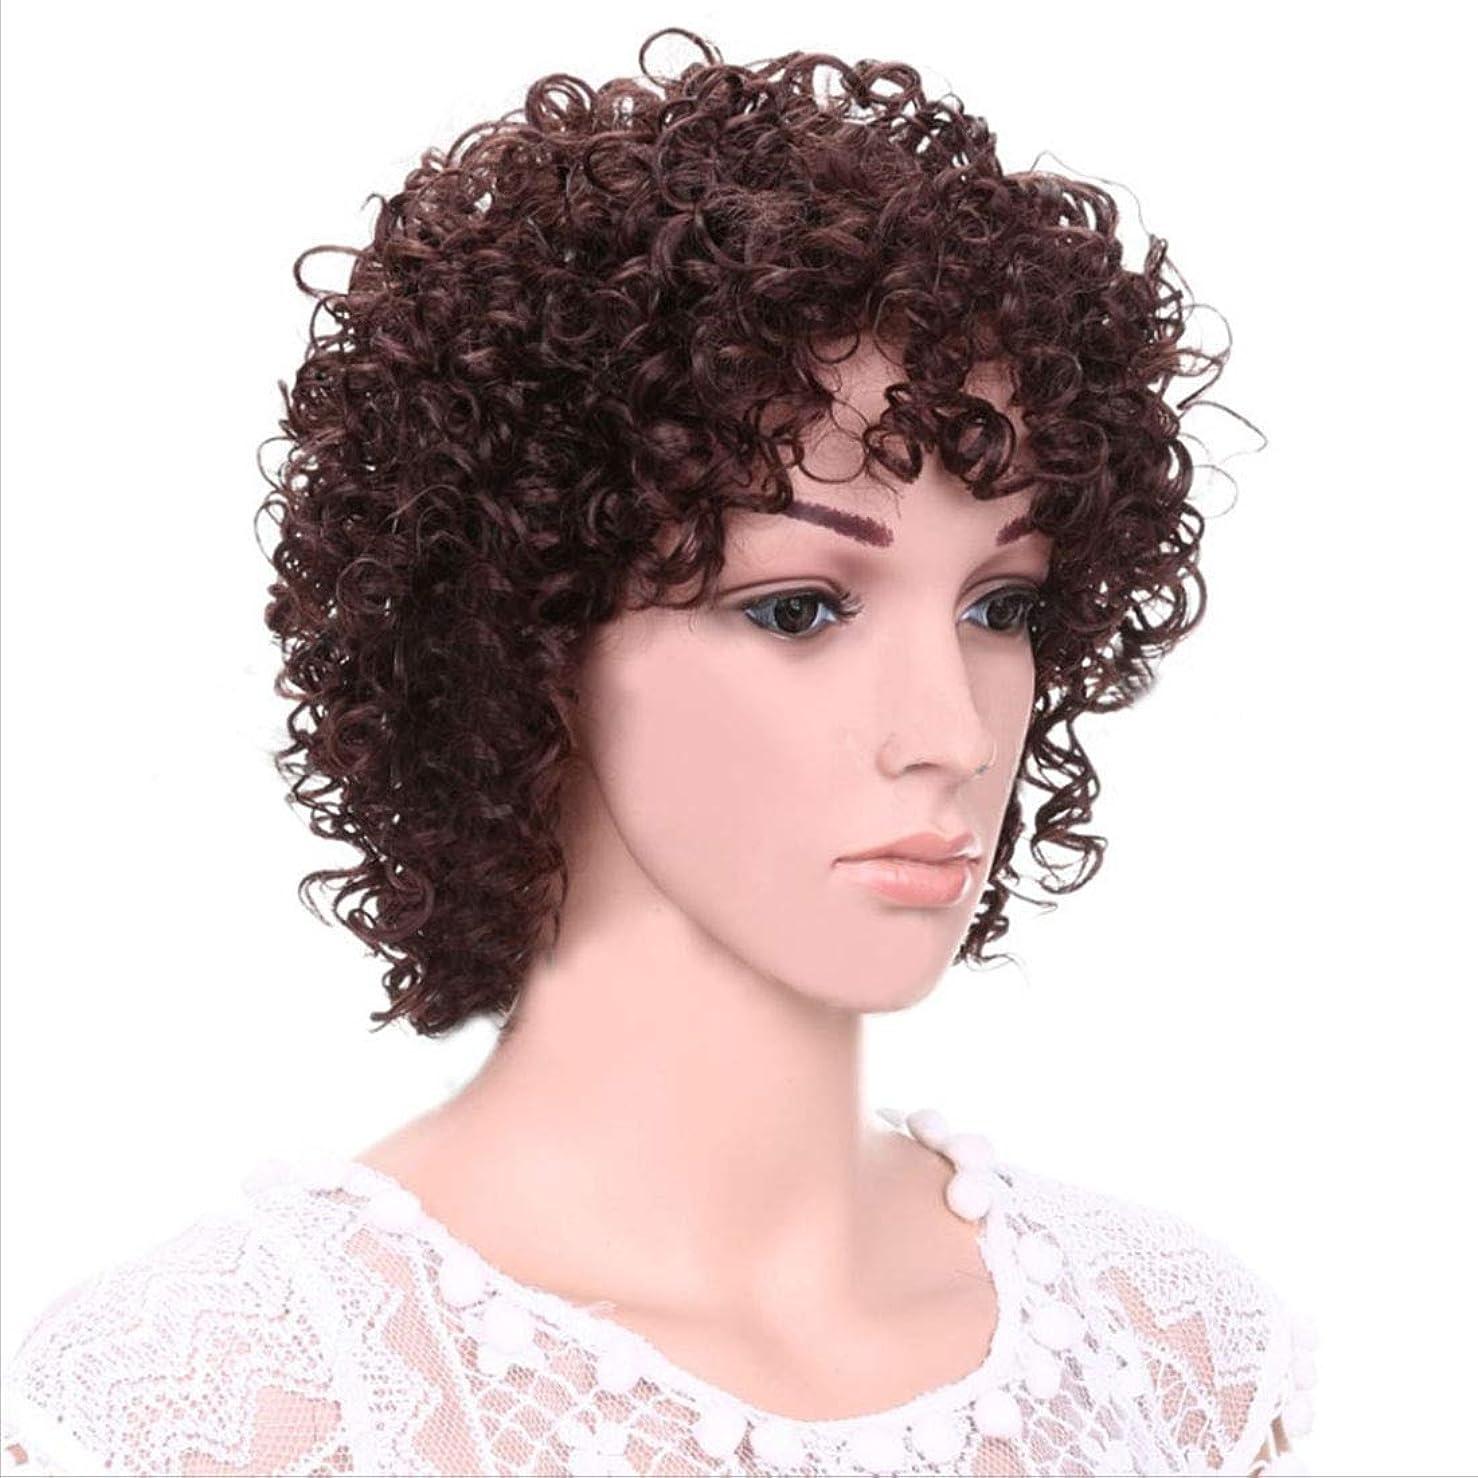 インドピット廃棄Doyvanntgo 女性のためのふわふわと小さなウィッグ女性のための短いカーリーヘアバングズの髪の女性のかつらのためのヘアナチュラルカラーフルヘッドウィッグ12インチ/ 8インチ(ブラック、ダークブラウン) (Color : Dark brown)